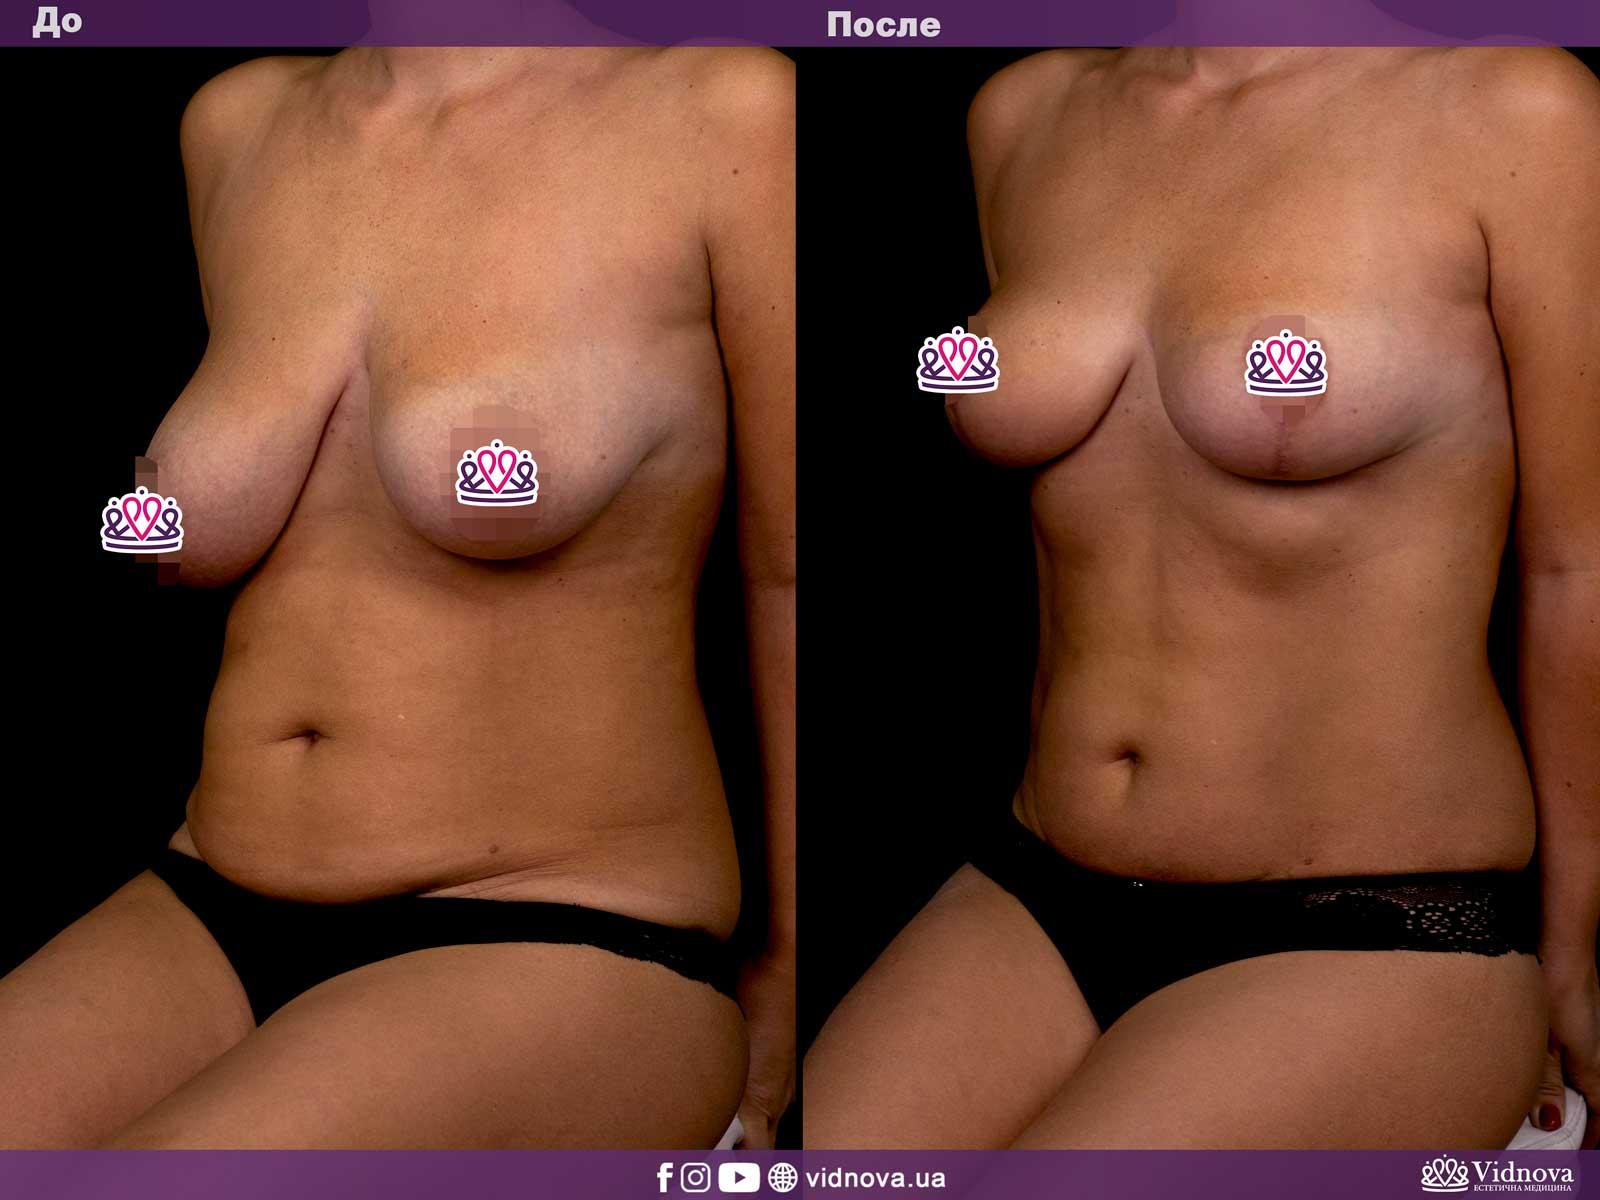 Совмещенные операции: Фото До и После - Пример №1-1 - Клиника Vidnova